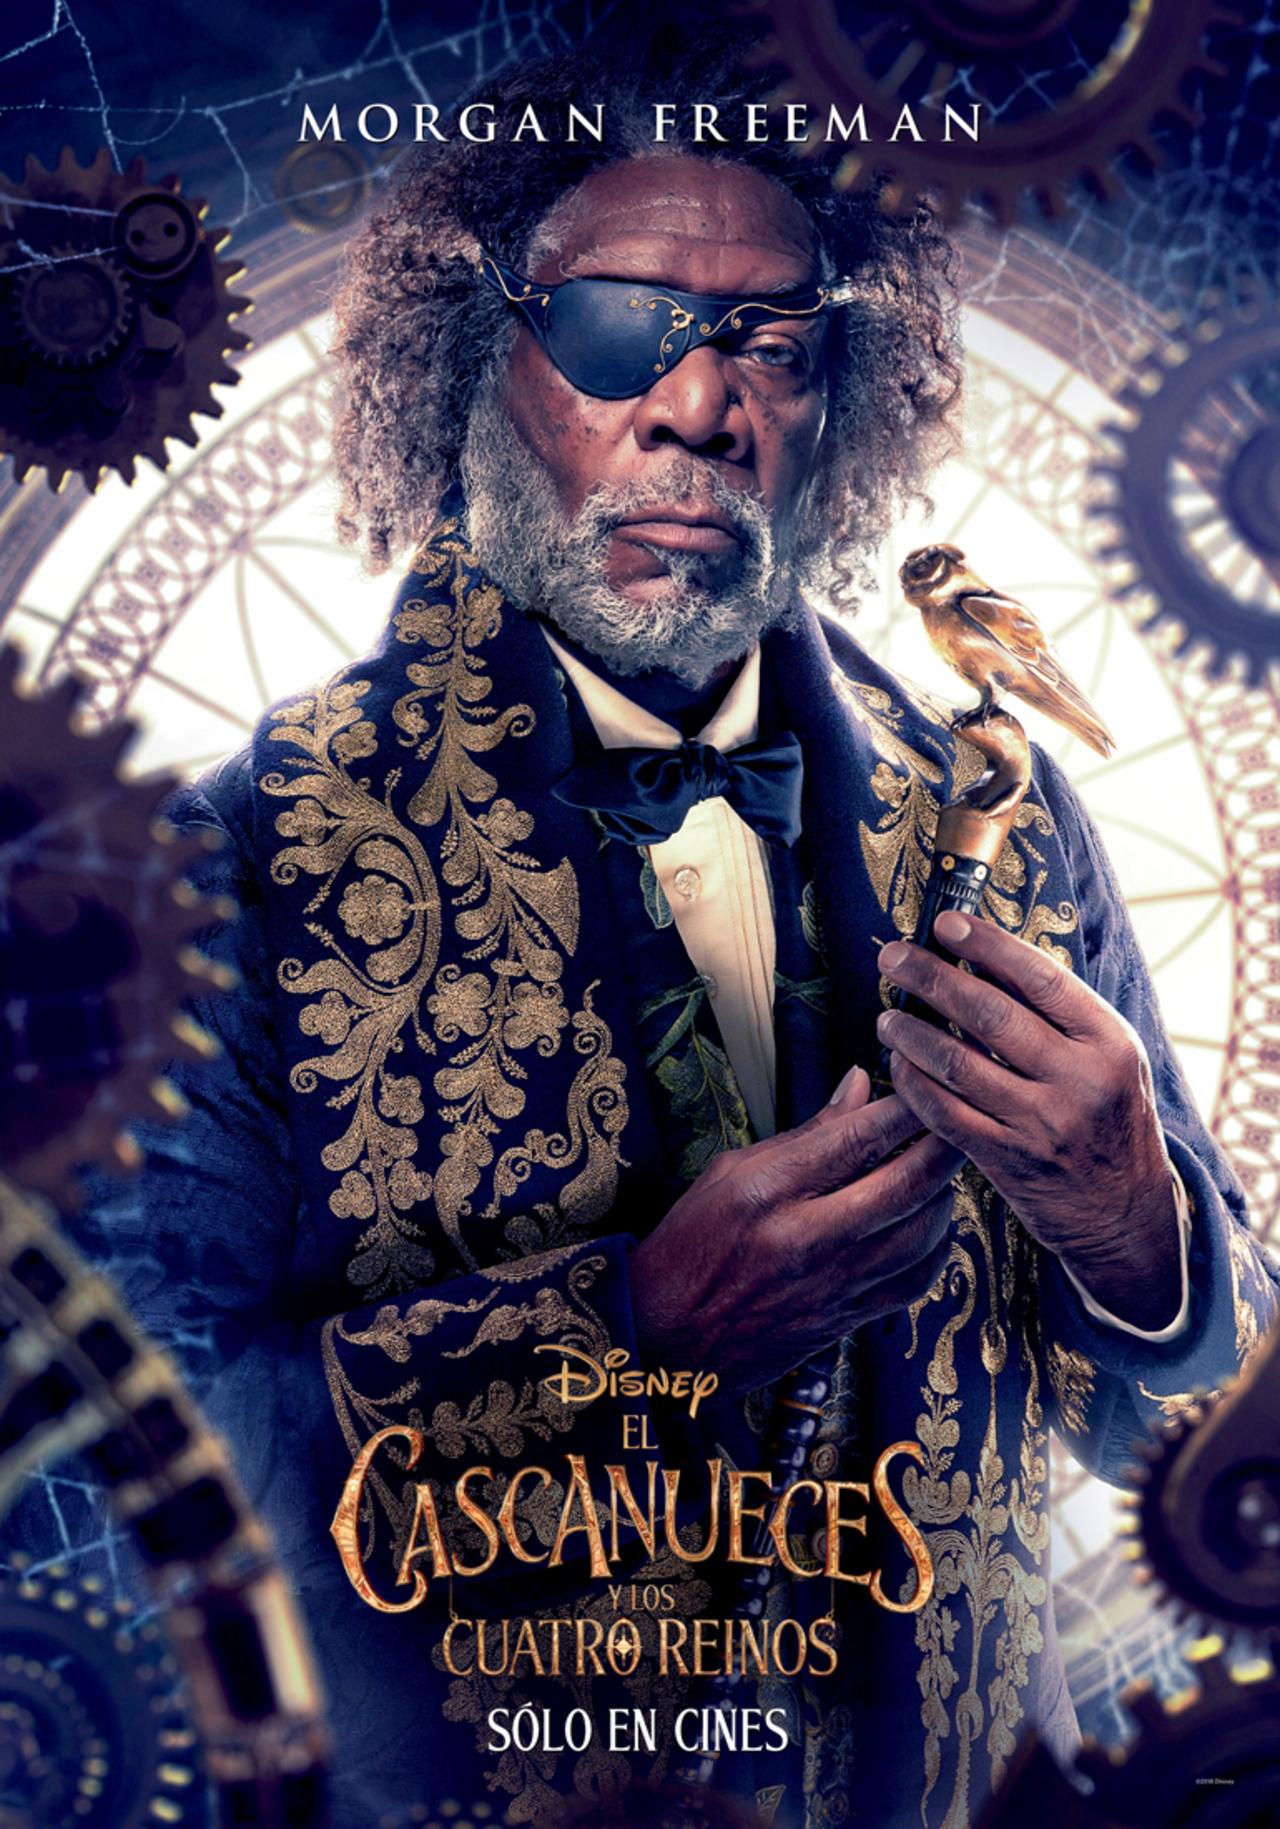 Revelan posters de El Cascanueces